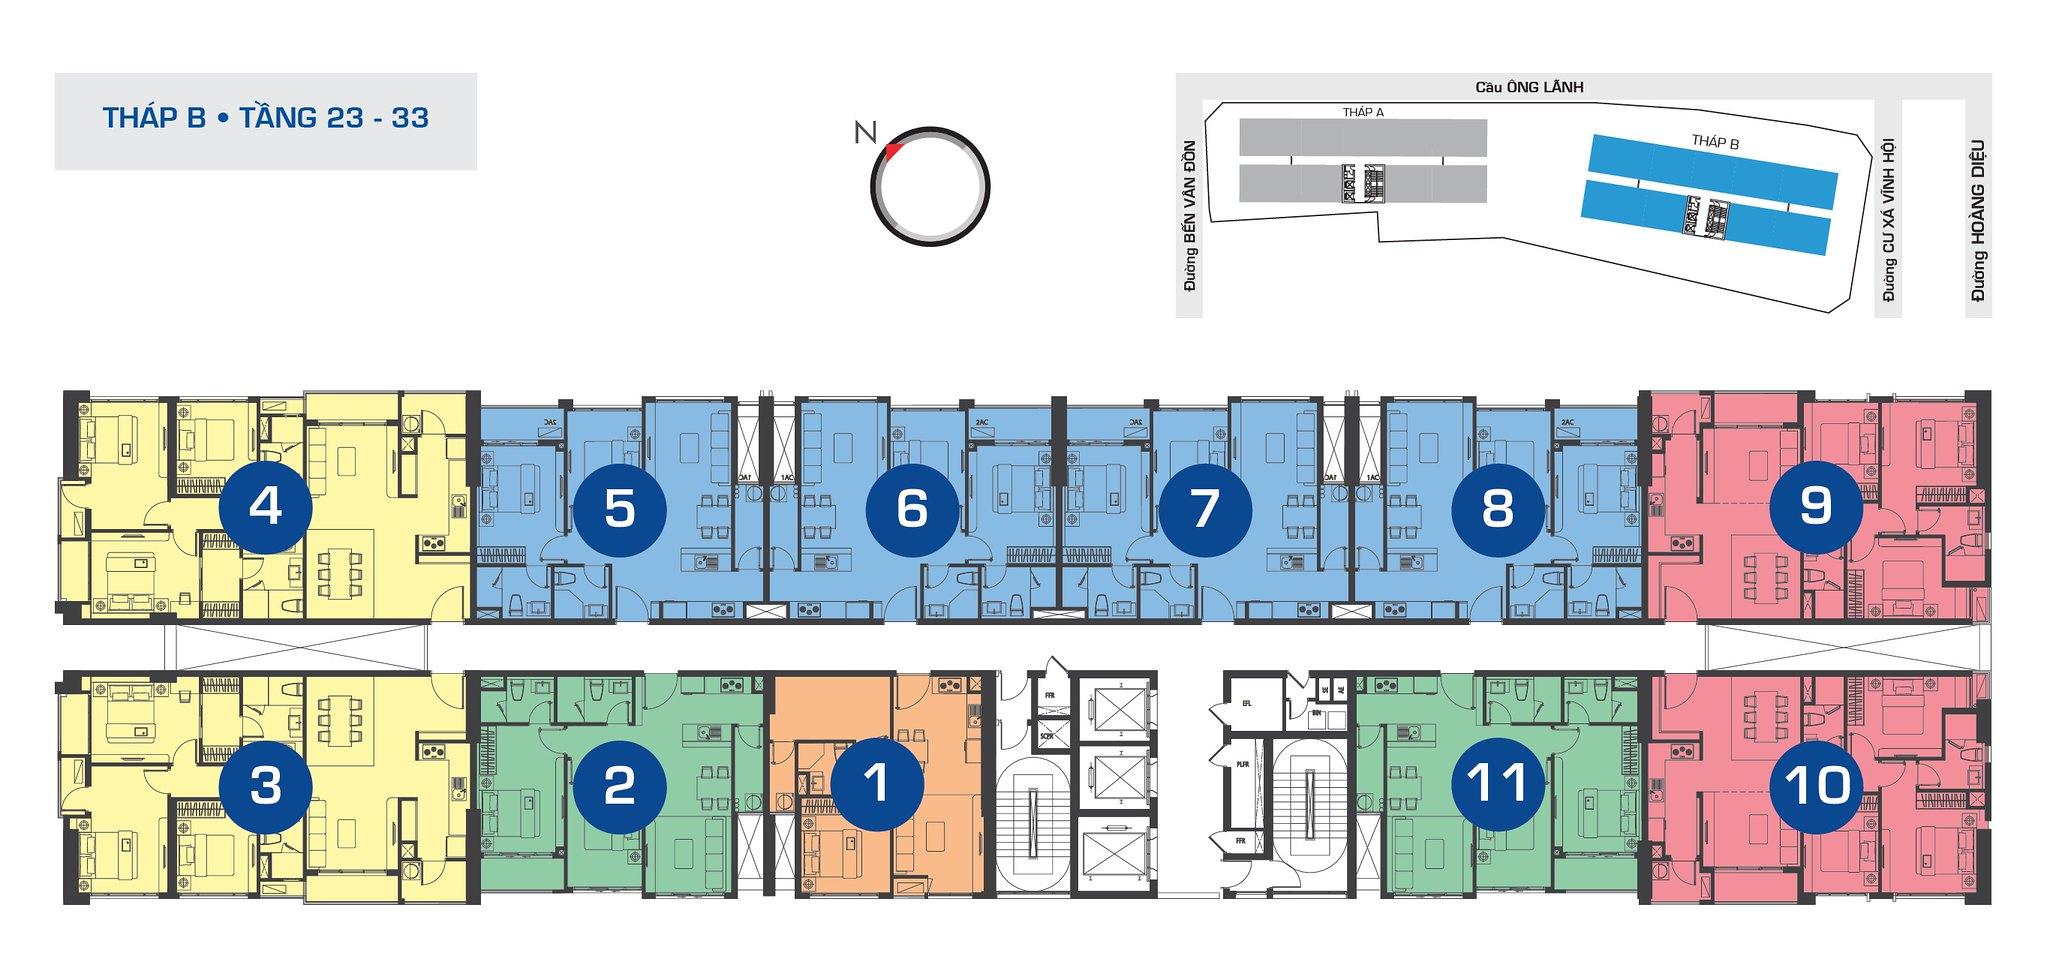 Mặt bằng tầng điển hình tháp B tầng 23-33 RiverGate Quận 4